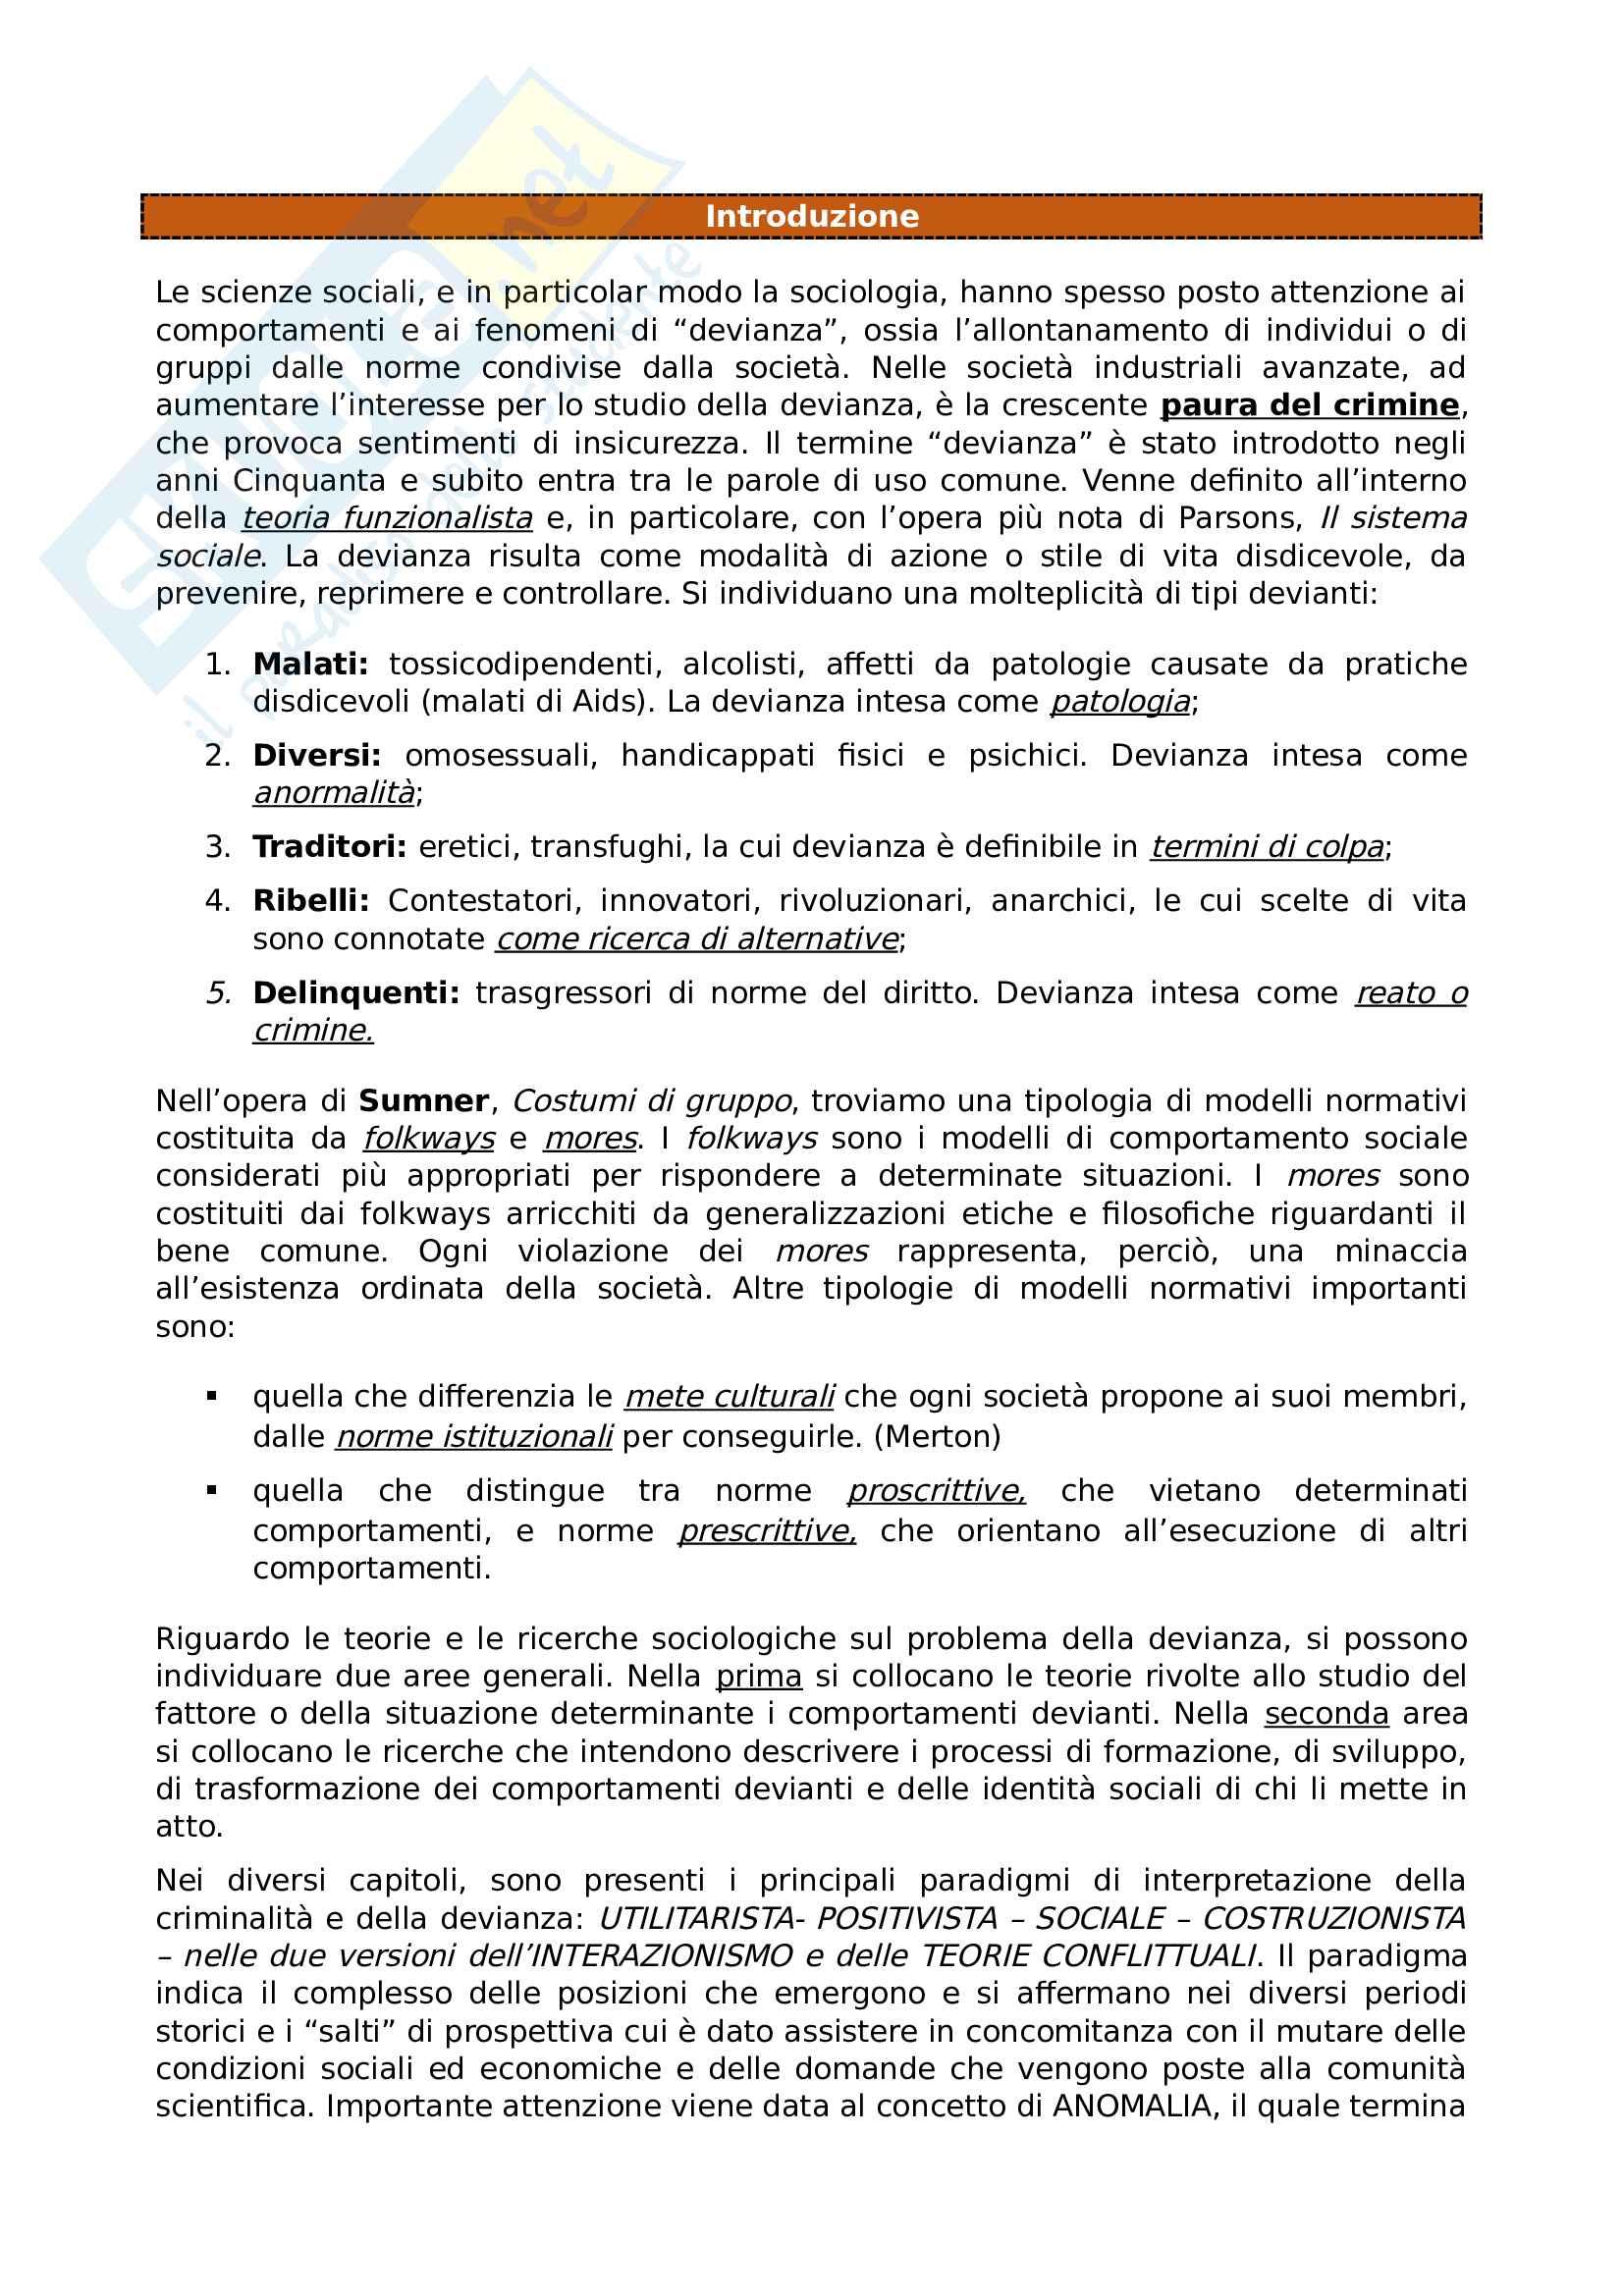 Riassunto esame Sociologia della devianza, prof Garreffa, libro consigliato Sociologia della devianza, Berzano, Prina